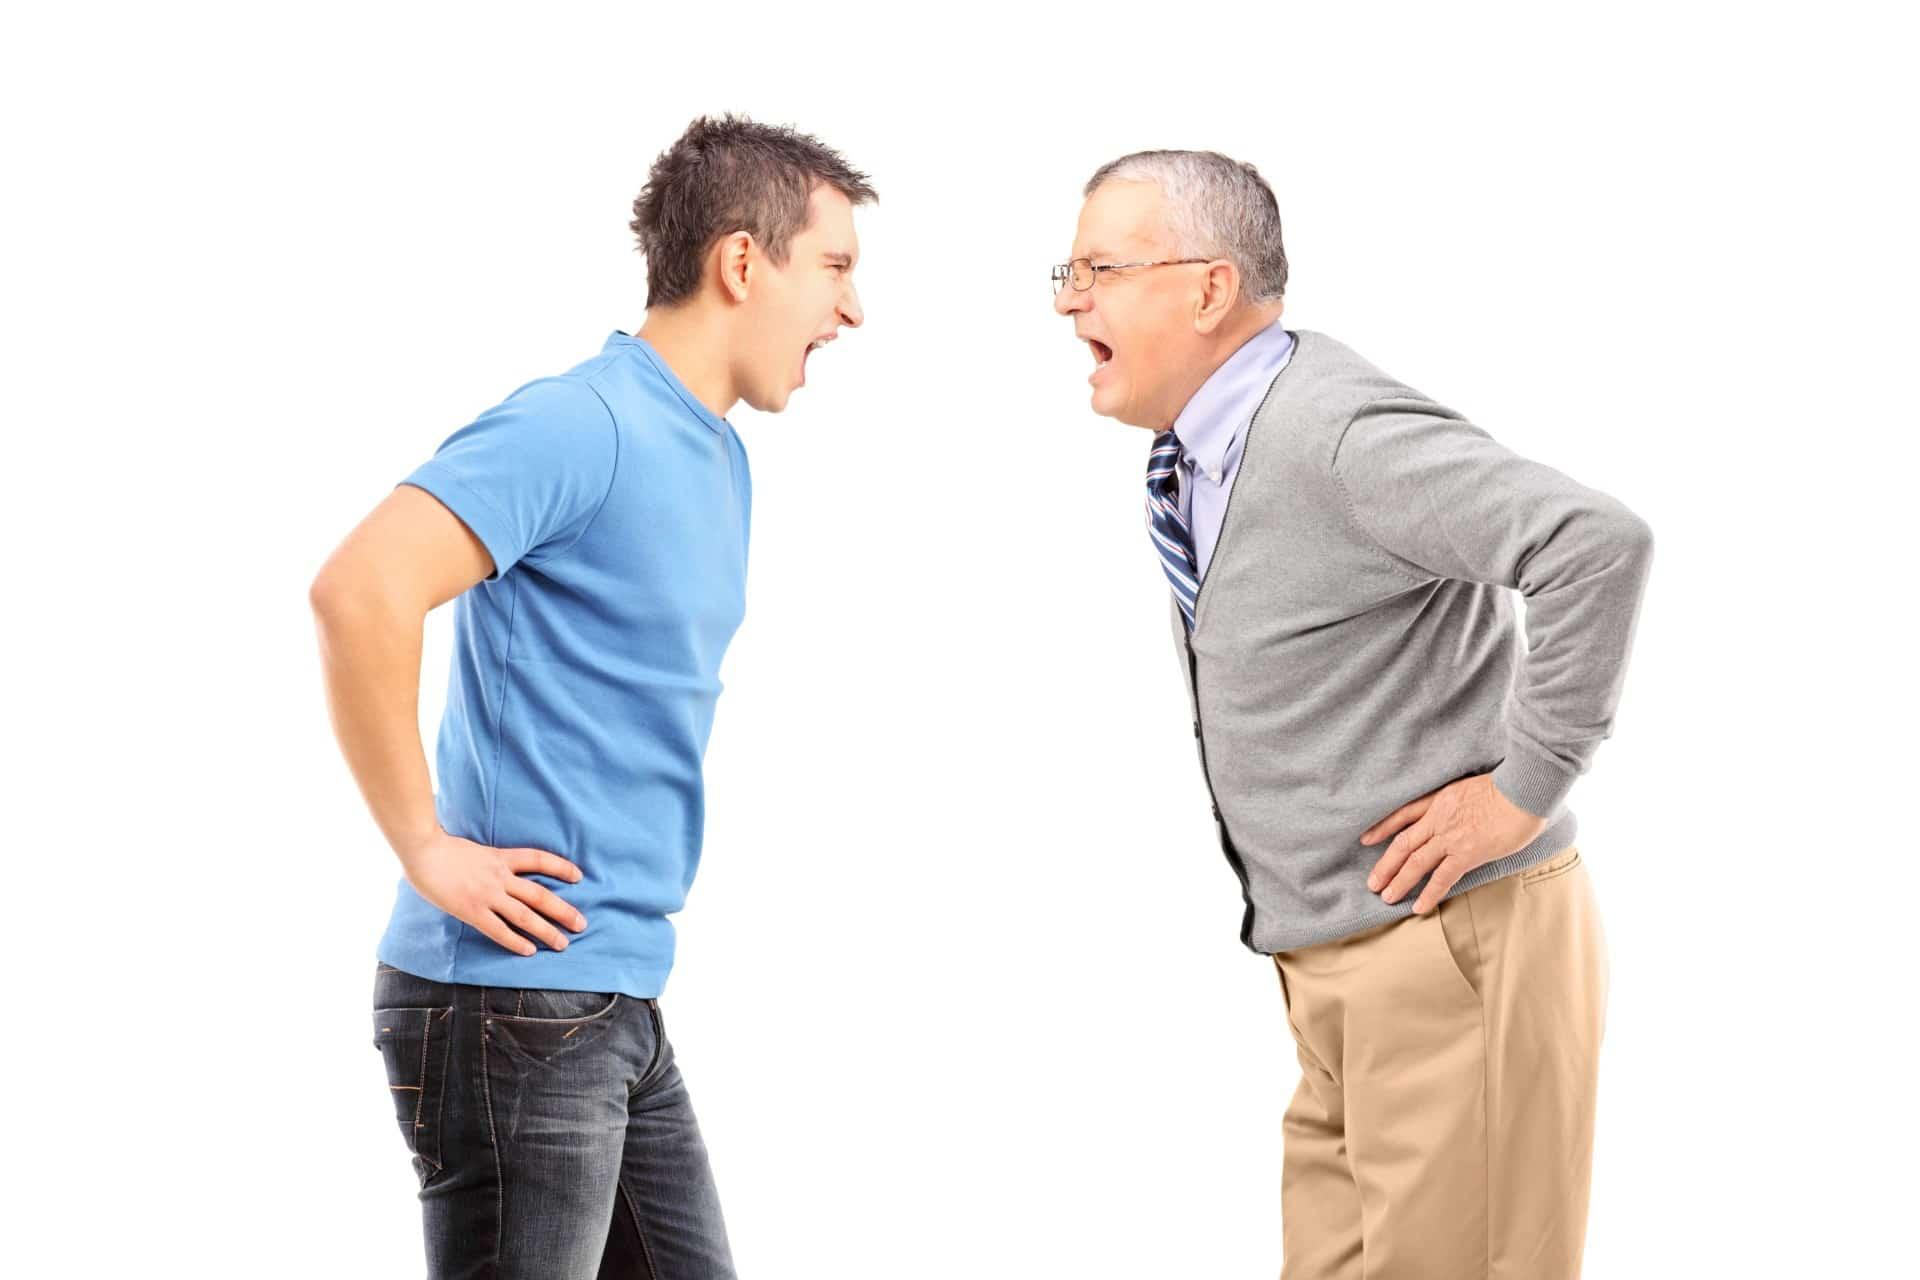 Conflitos entre gerações no trabalho: como lidar?